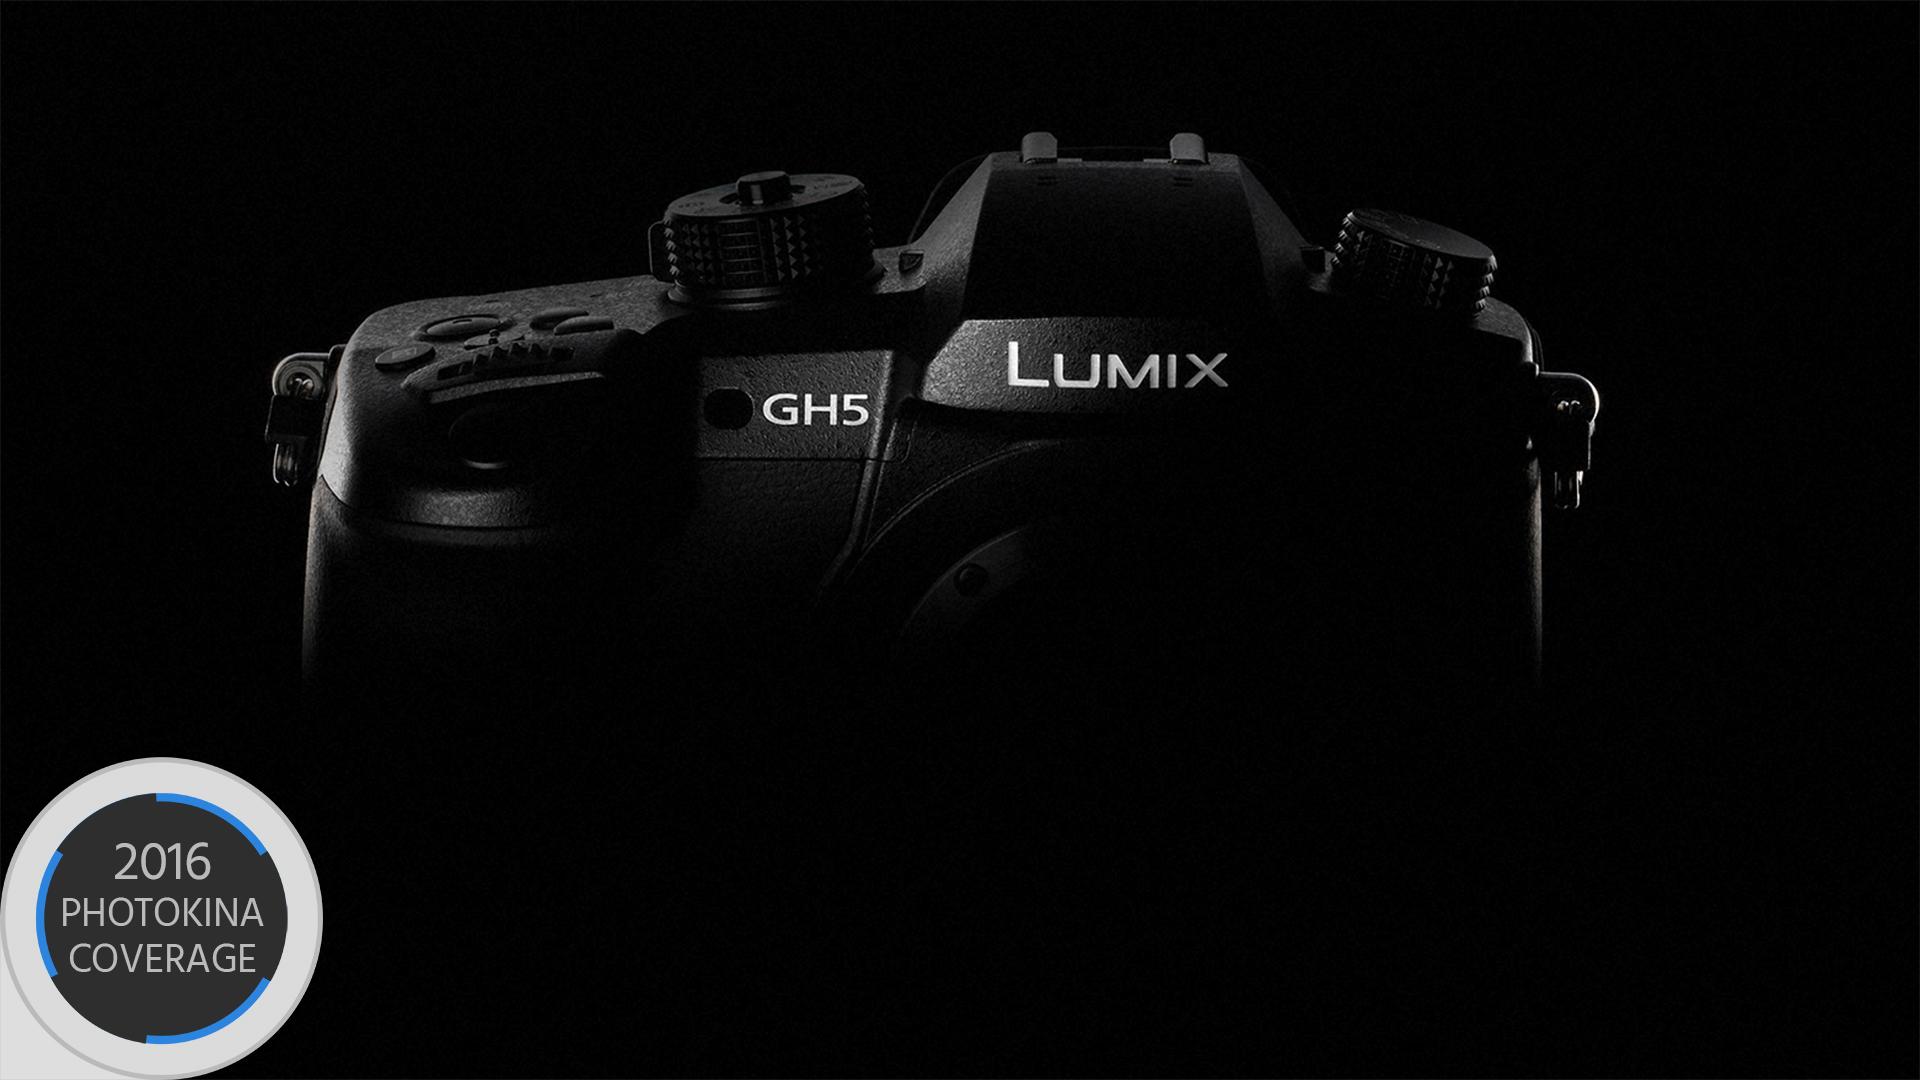 パナソニック GH5技術発表 - 4K/60p、4K/30p 10bit/4:2:2内部記録を実現